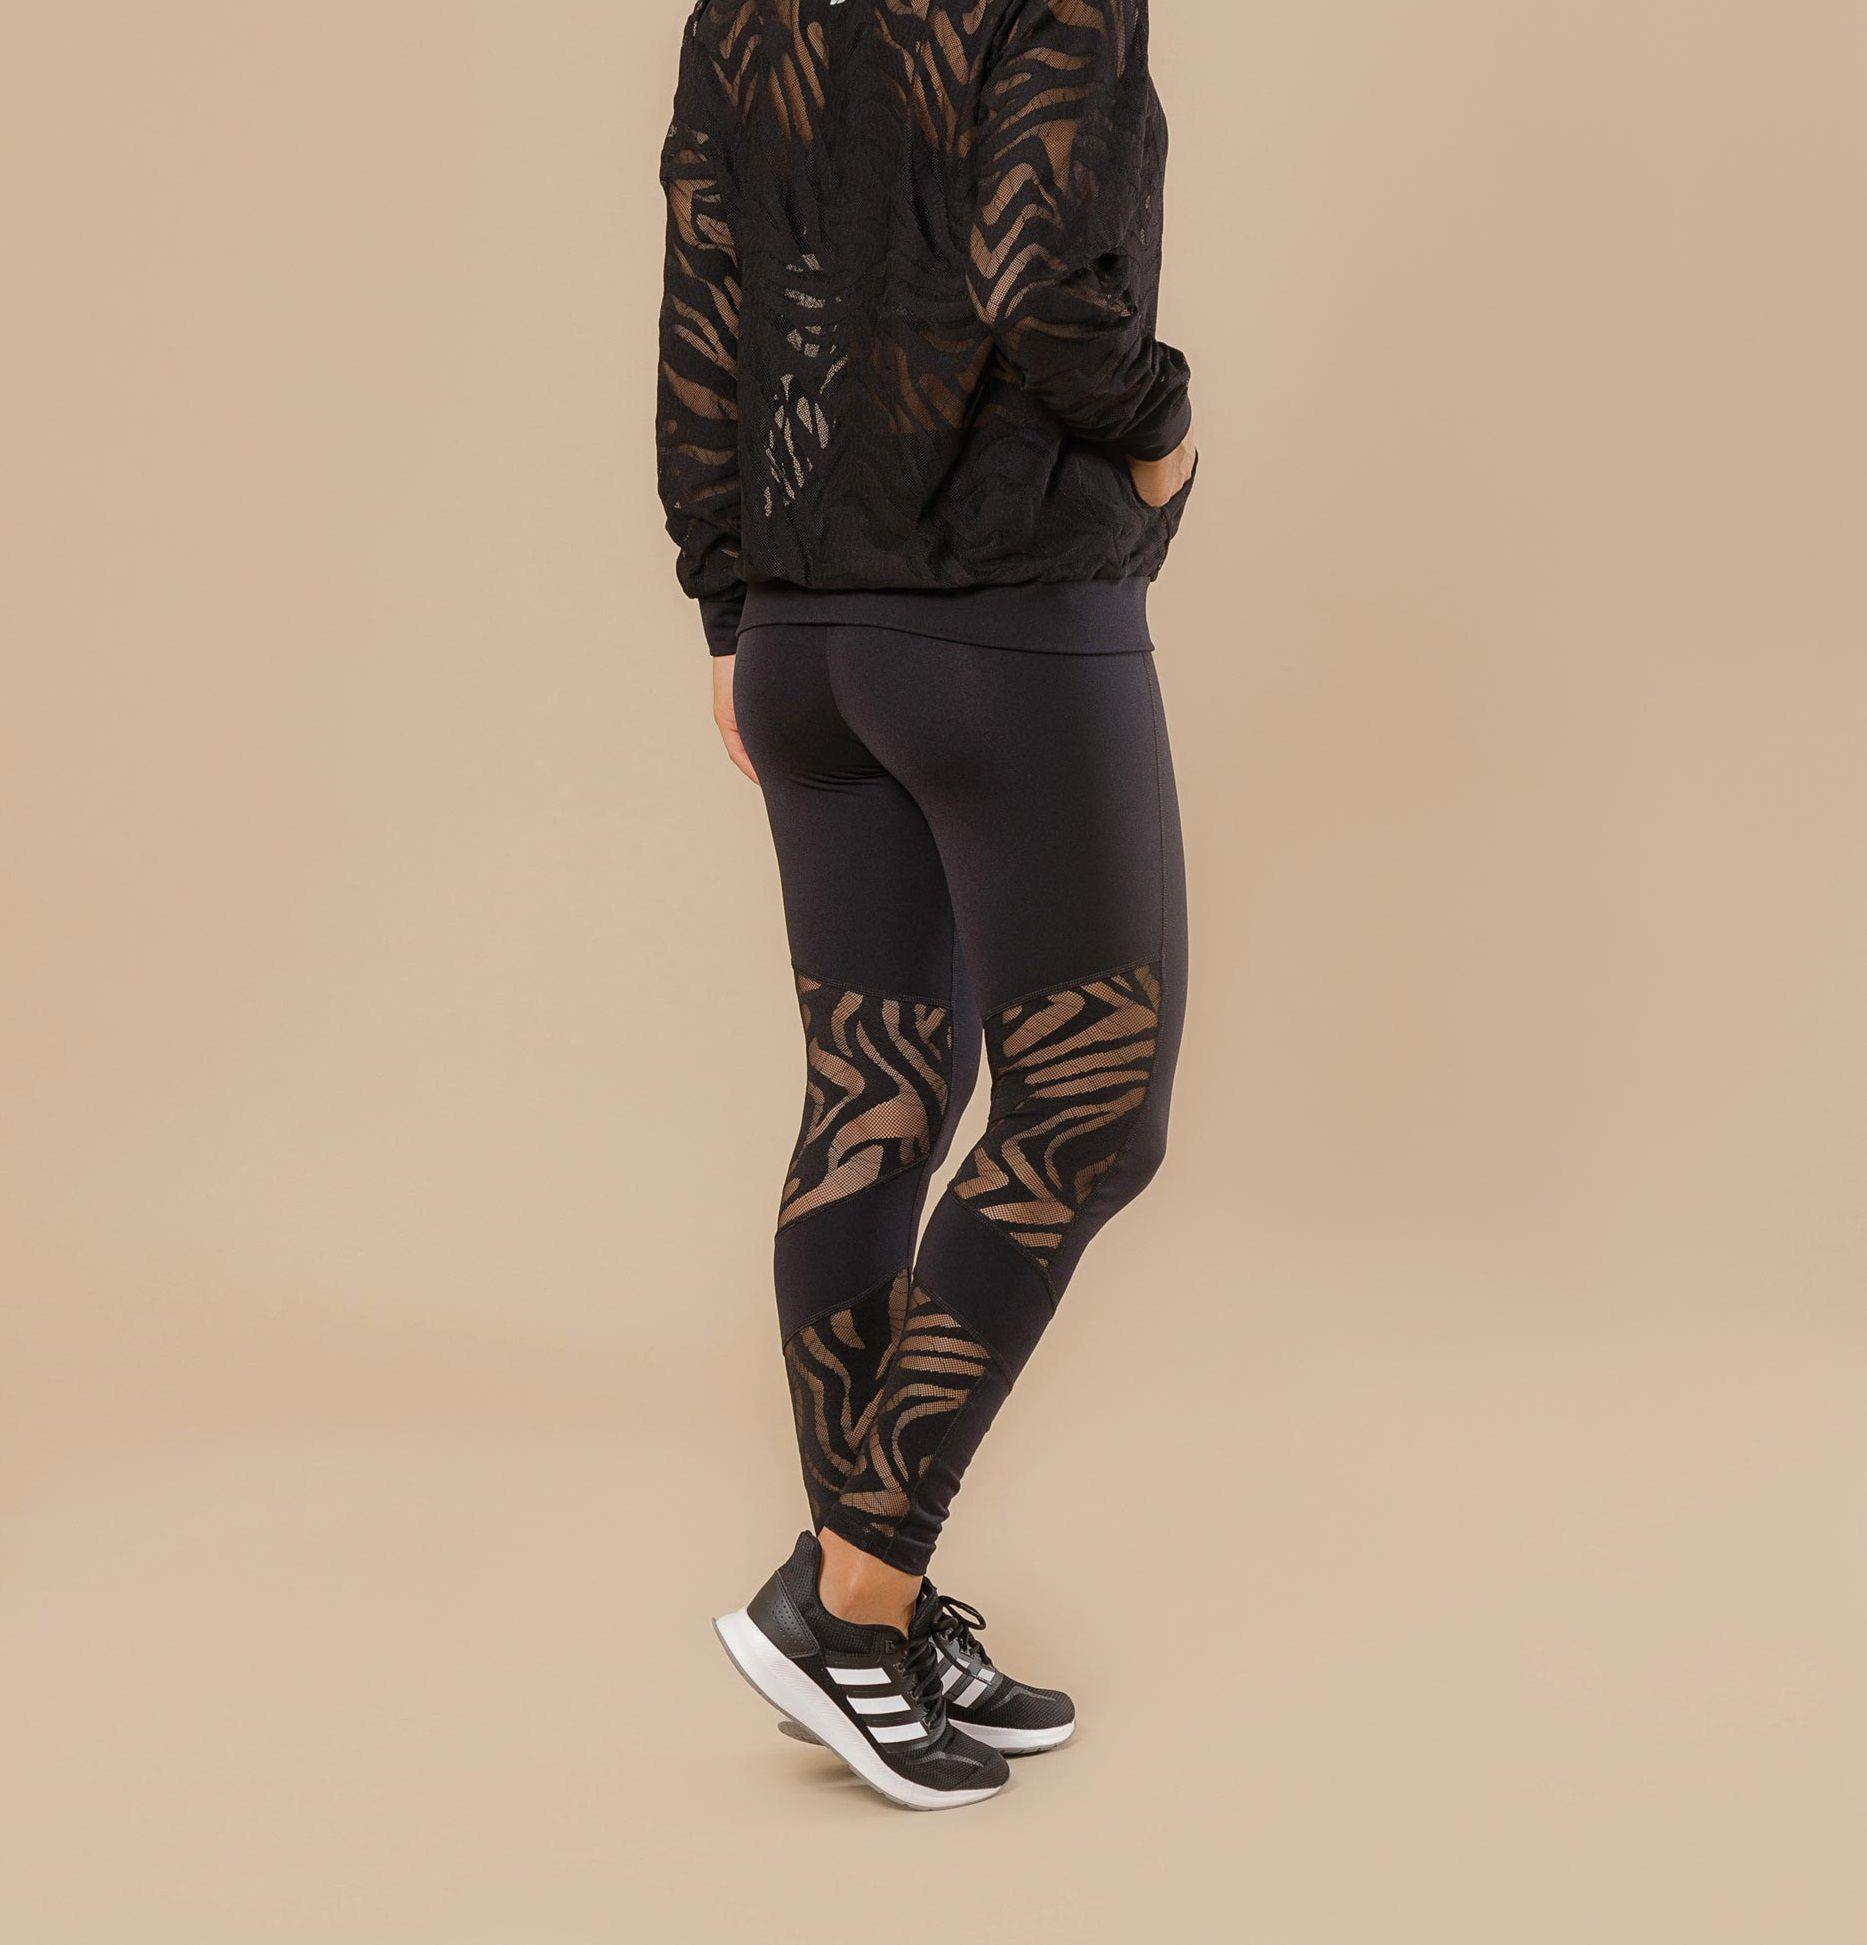 Legging Supplex Sport Laise